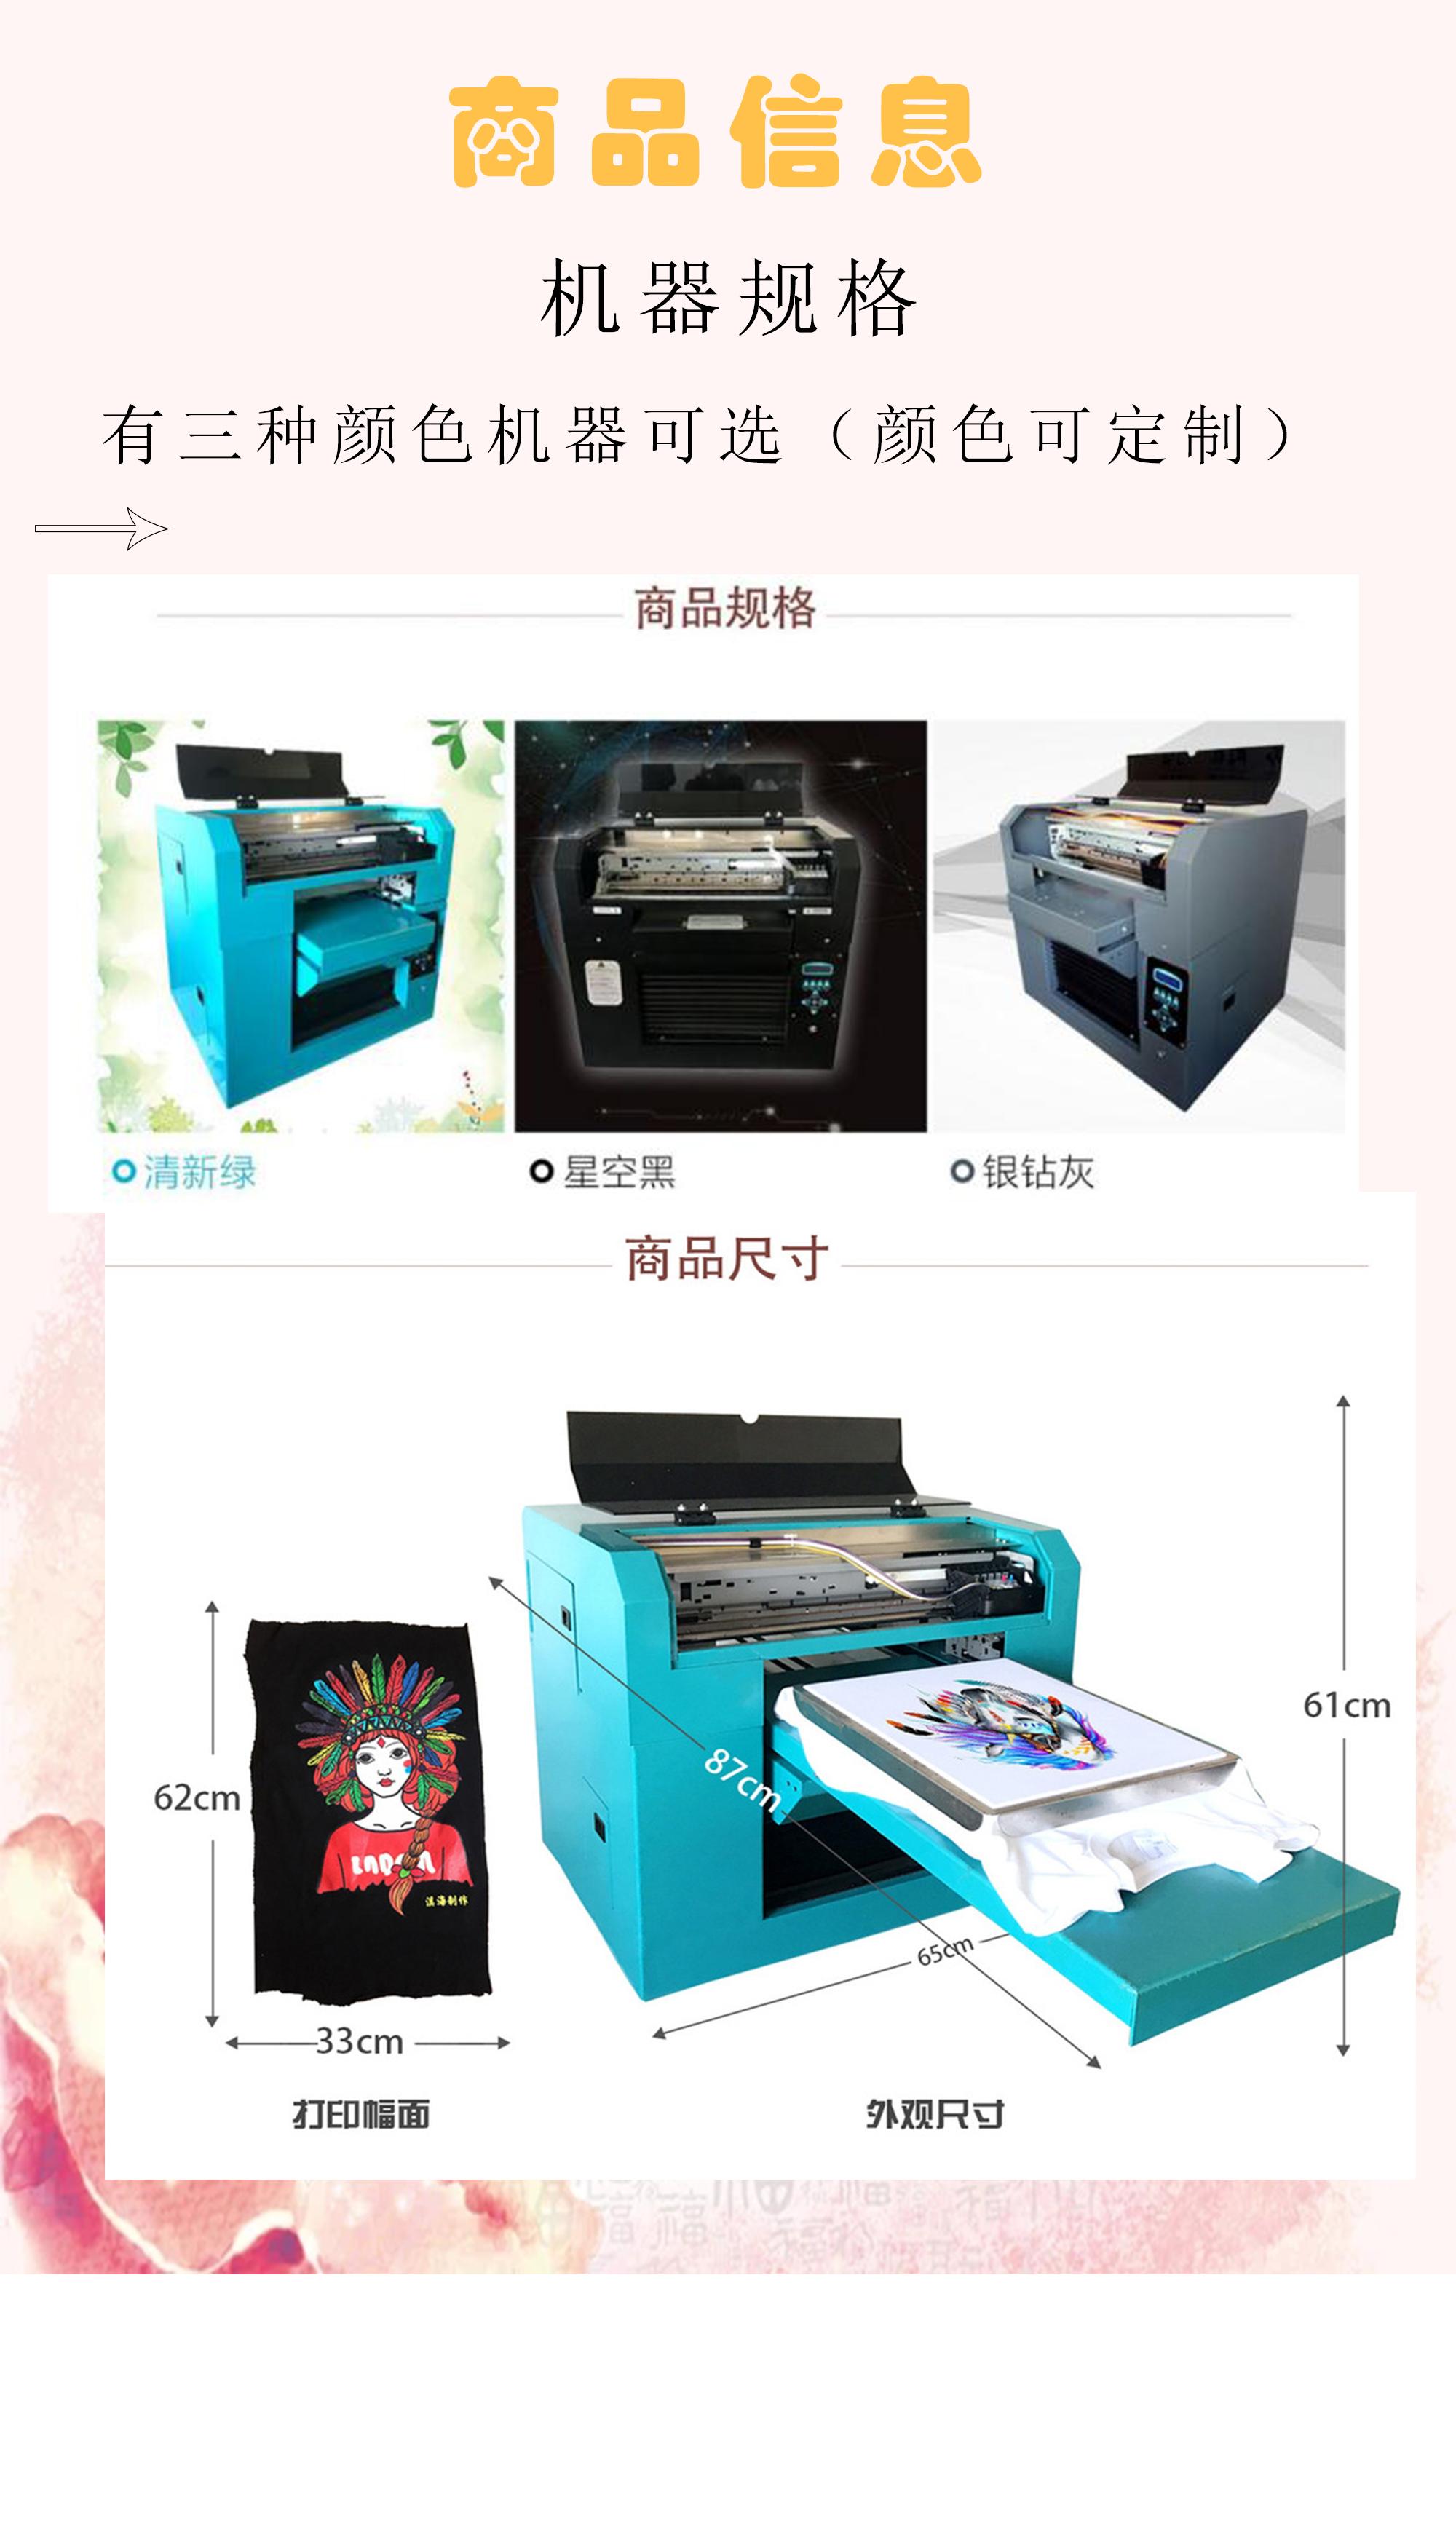 商品信息1.jpg